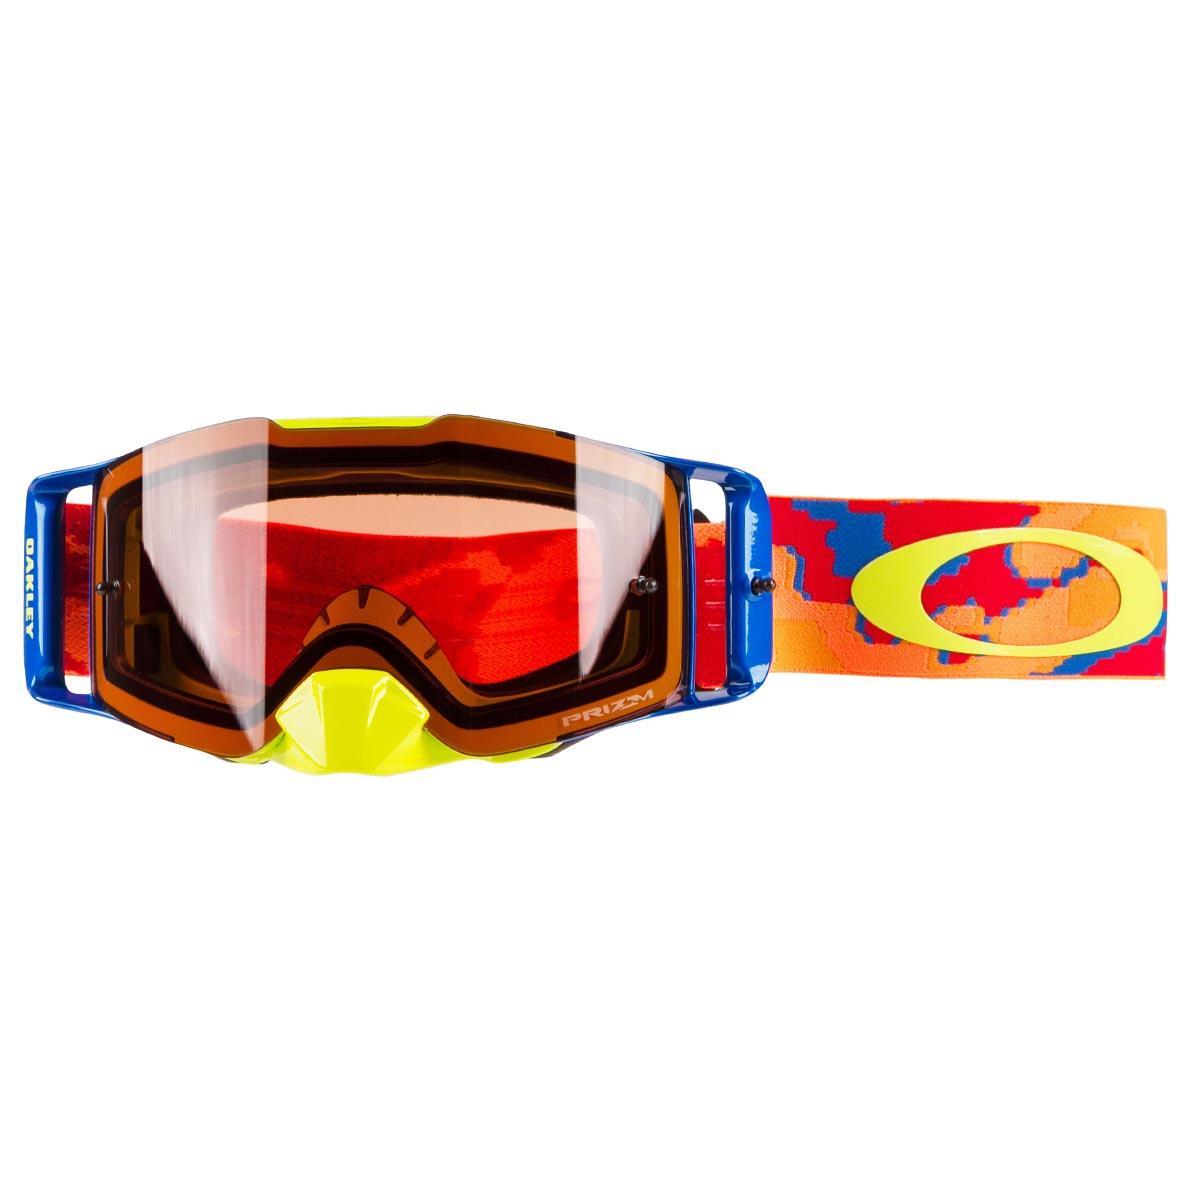 621d714c024 Oakley MX Goggle Front Line MX Thermo Camo Orange Red - Prizm MX ...